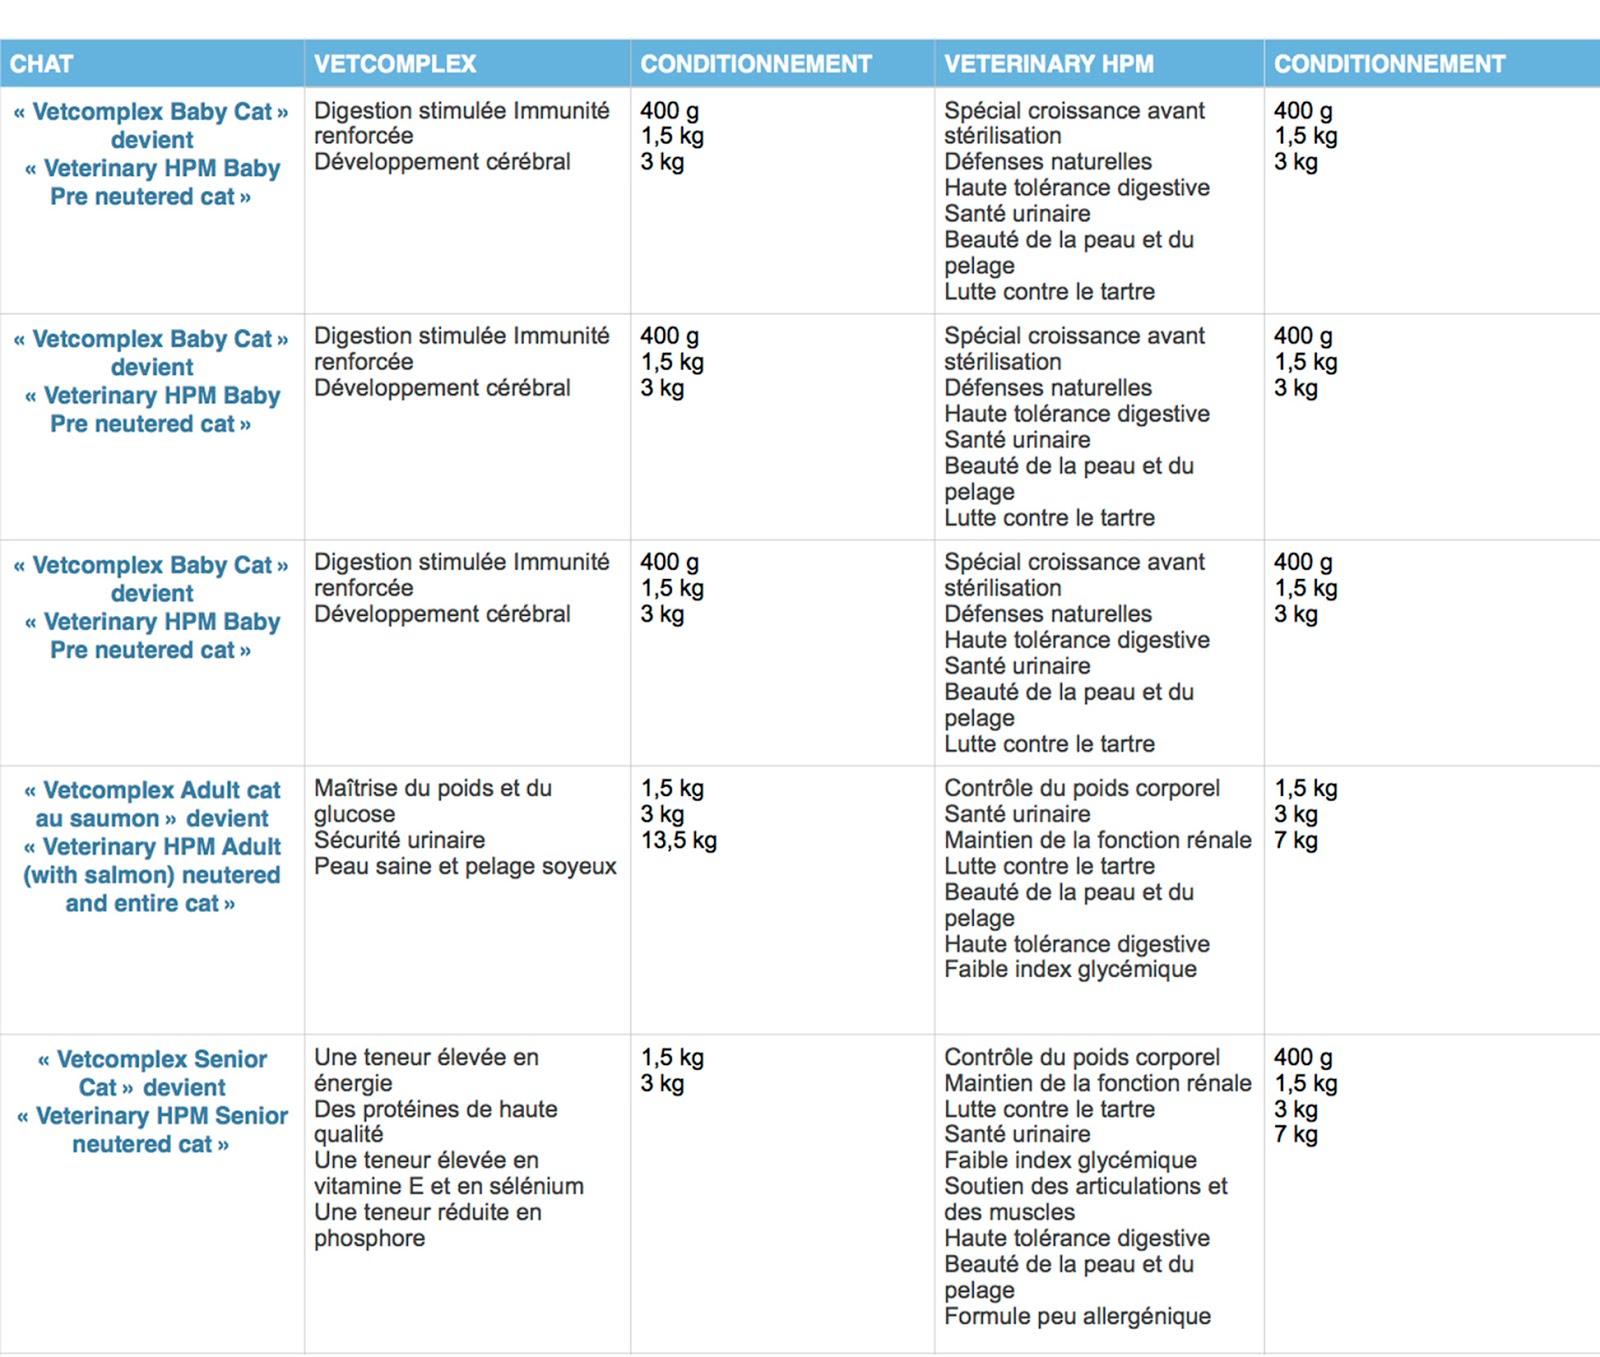 tableau indice glycémique